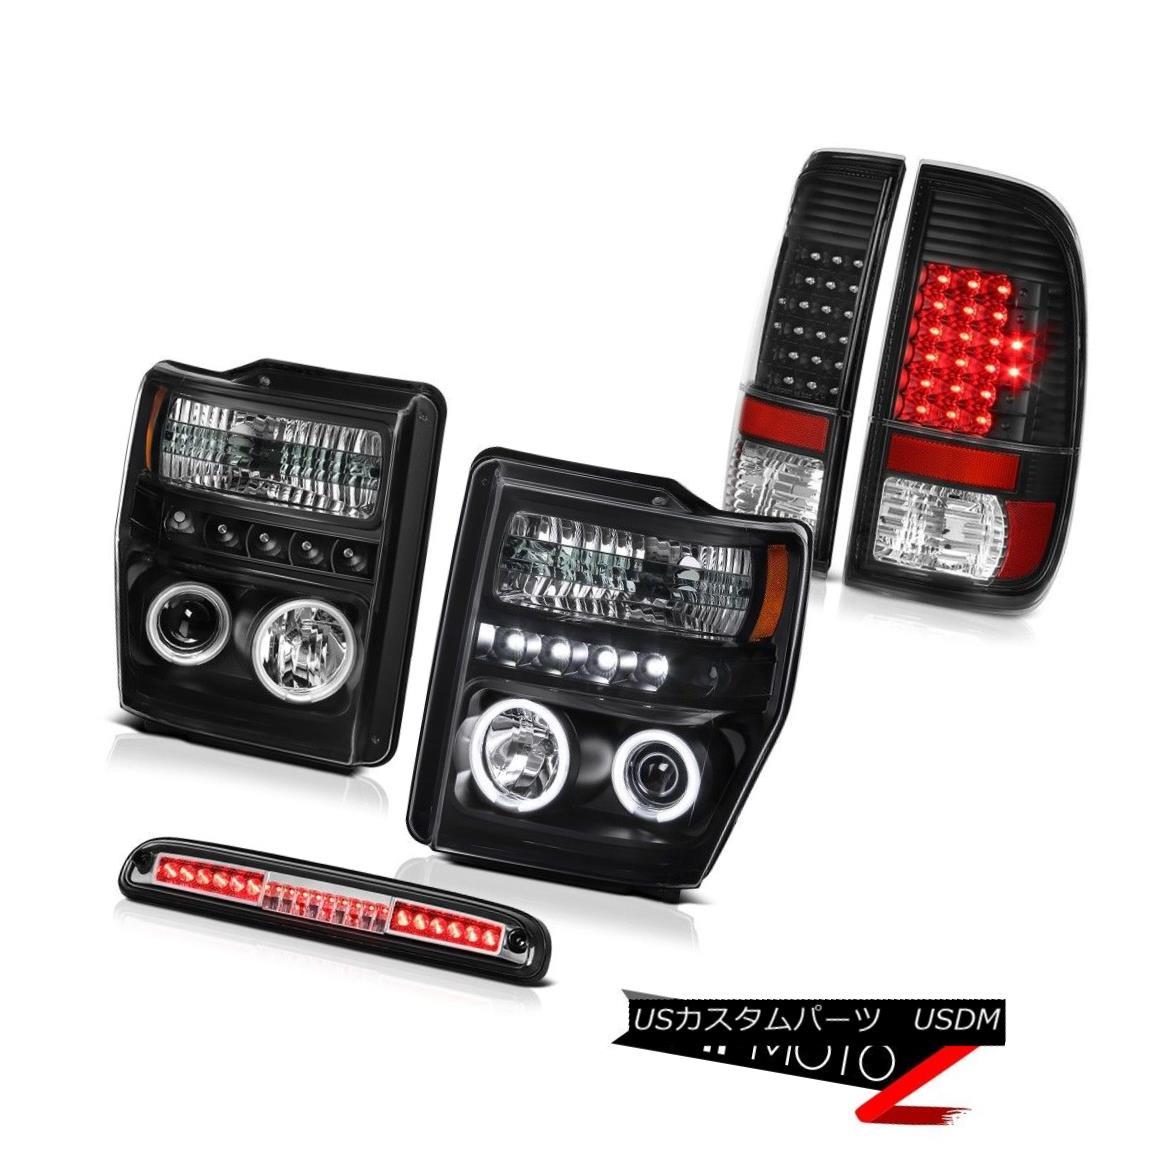 テールライト 08-10 F250 FX4 2X CCFL Projector Headlights LED Bulbs Tail Lights High Stop 3rd 08-10 F250 FX4 2X CCFLプロジェクターヘッドライトLED電球テールライトハイストップ3rd